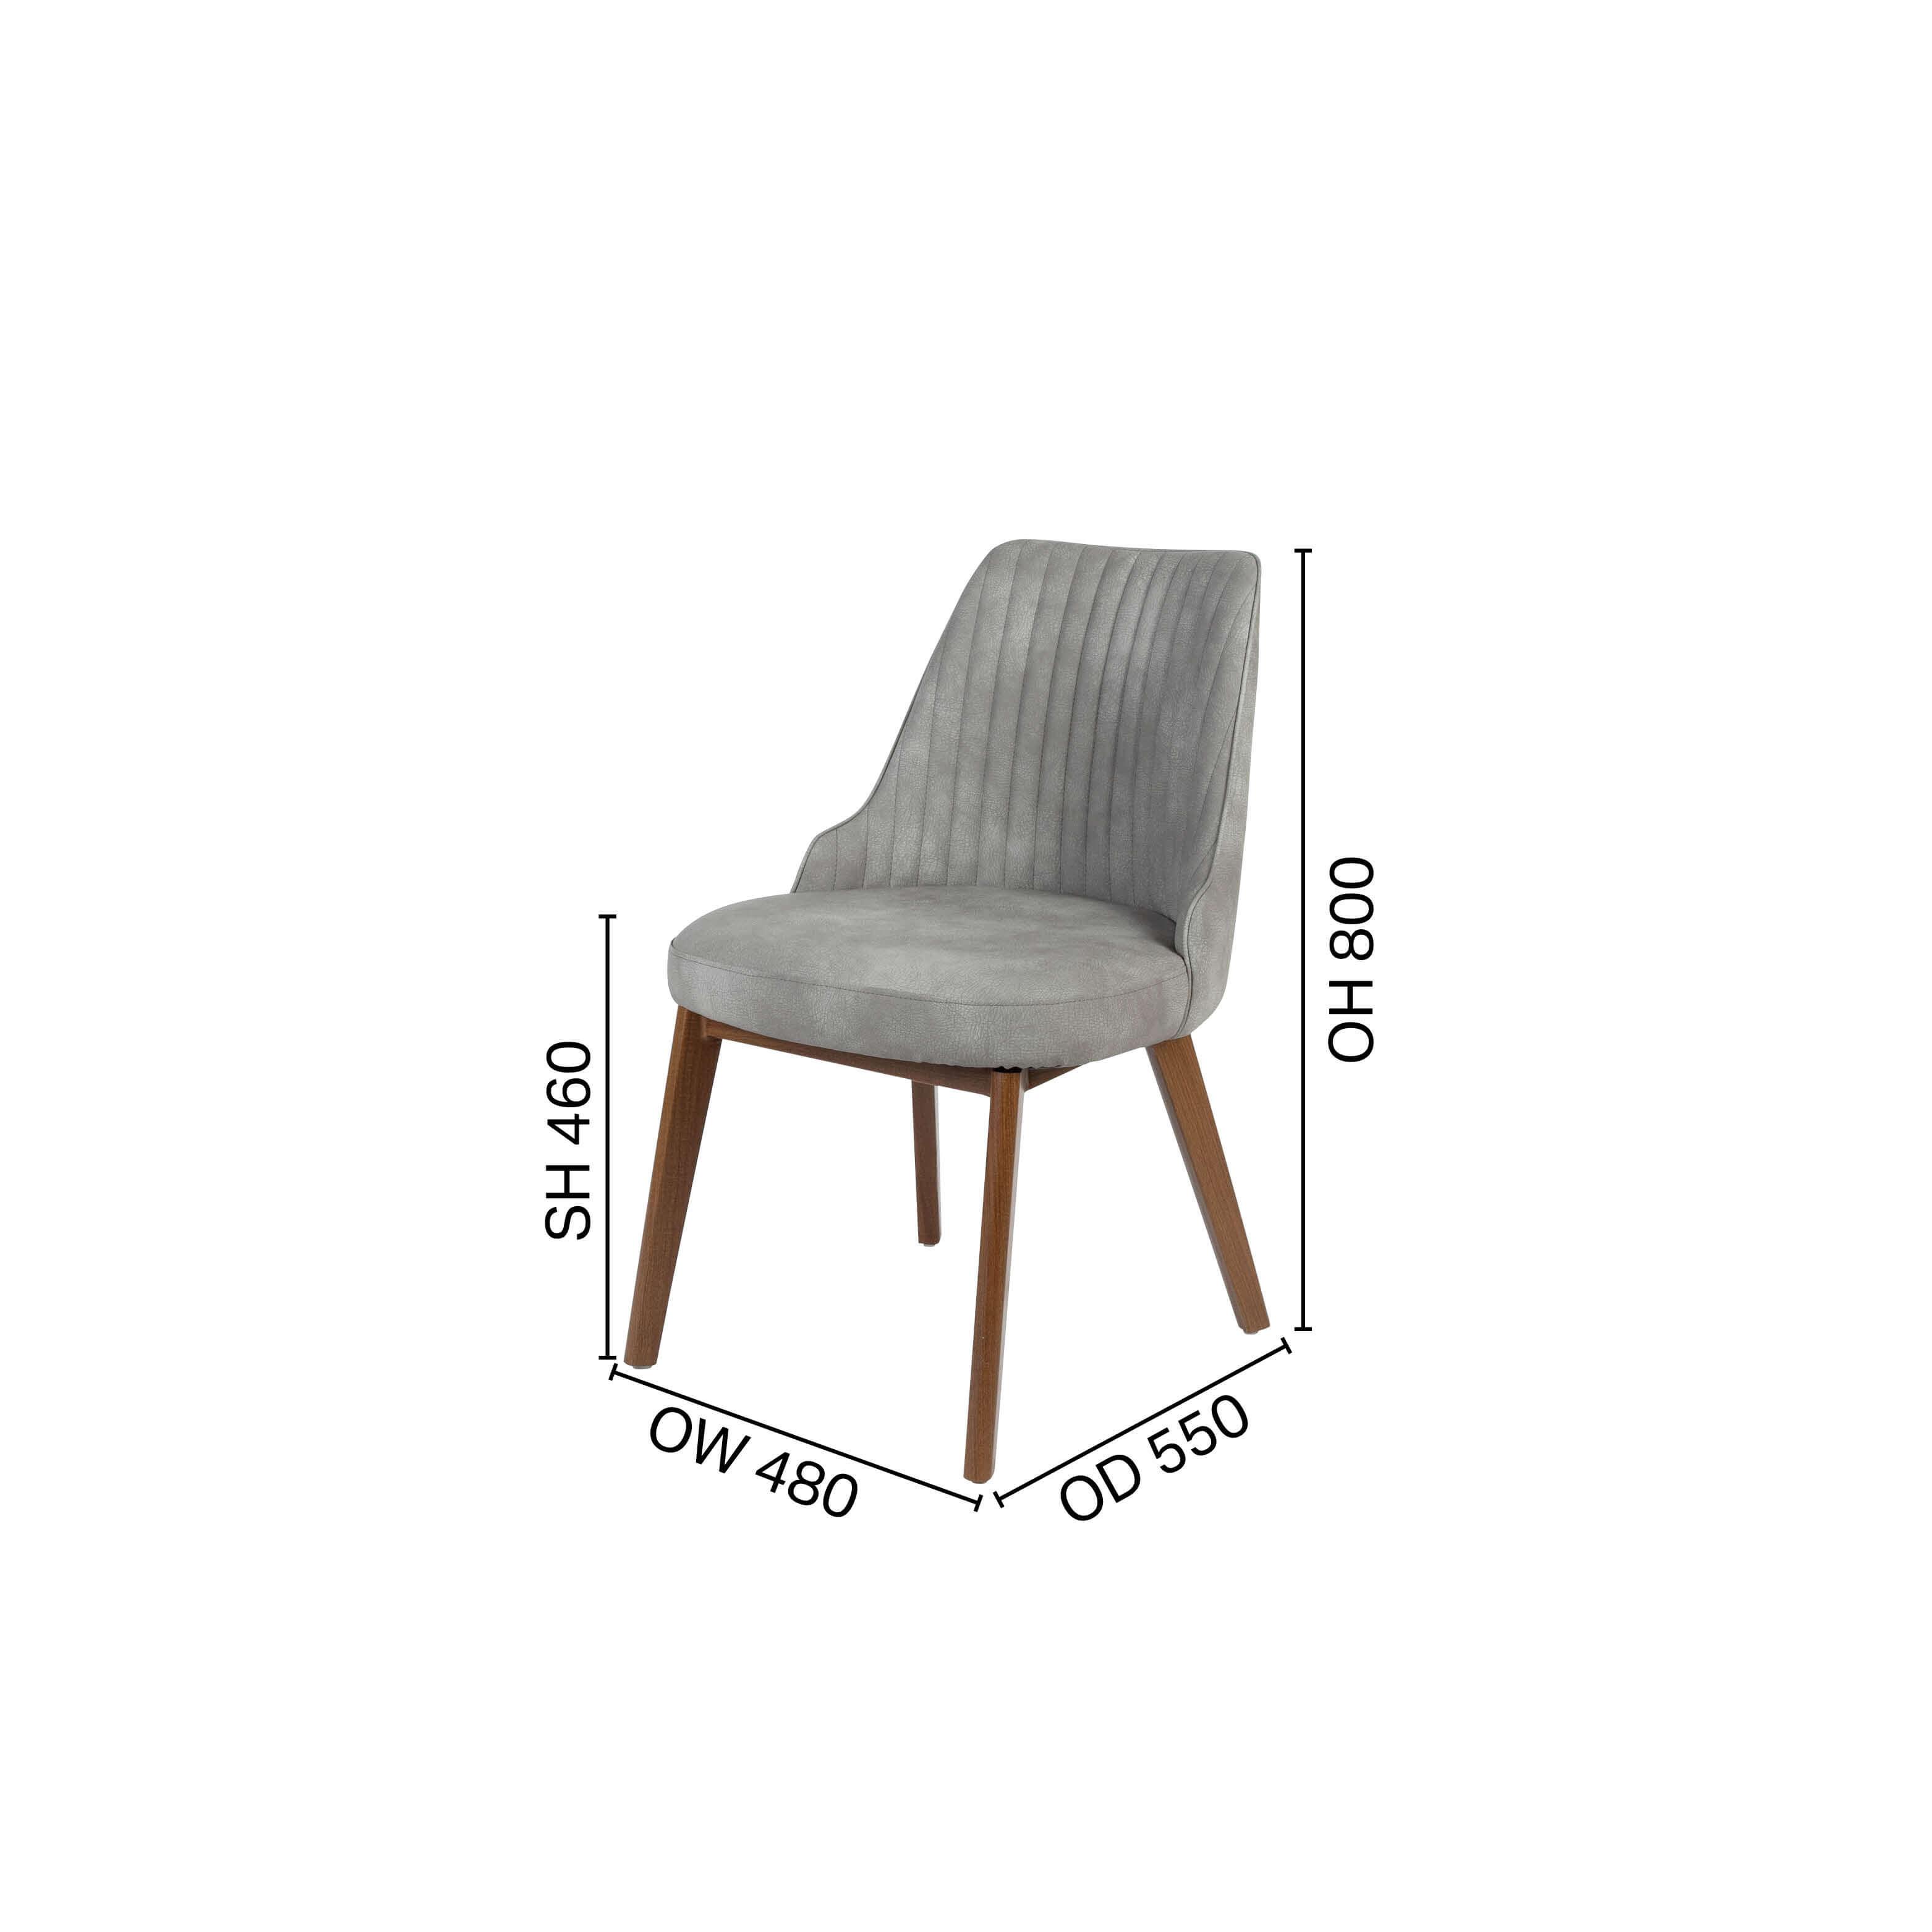 Omori Side chair